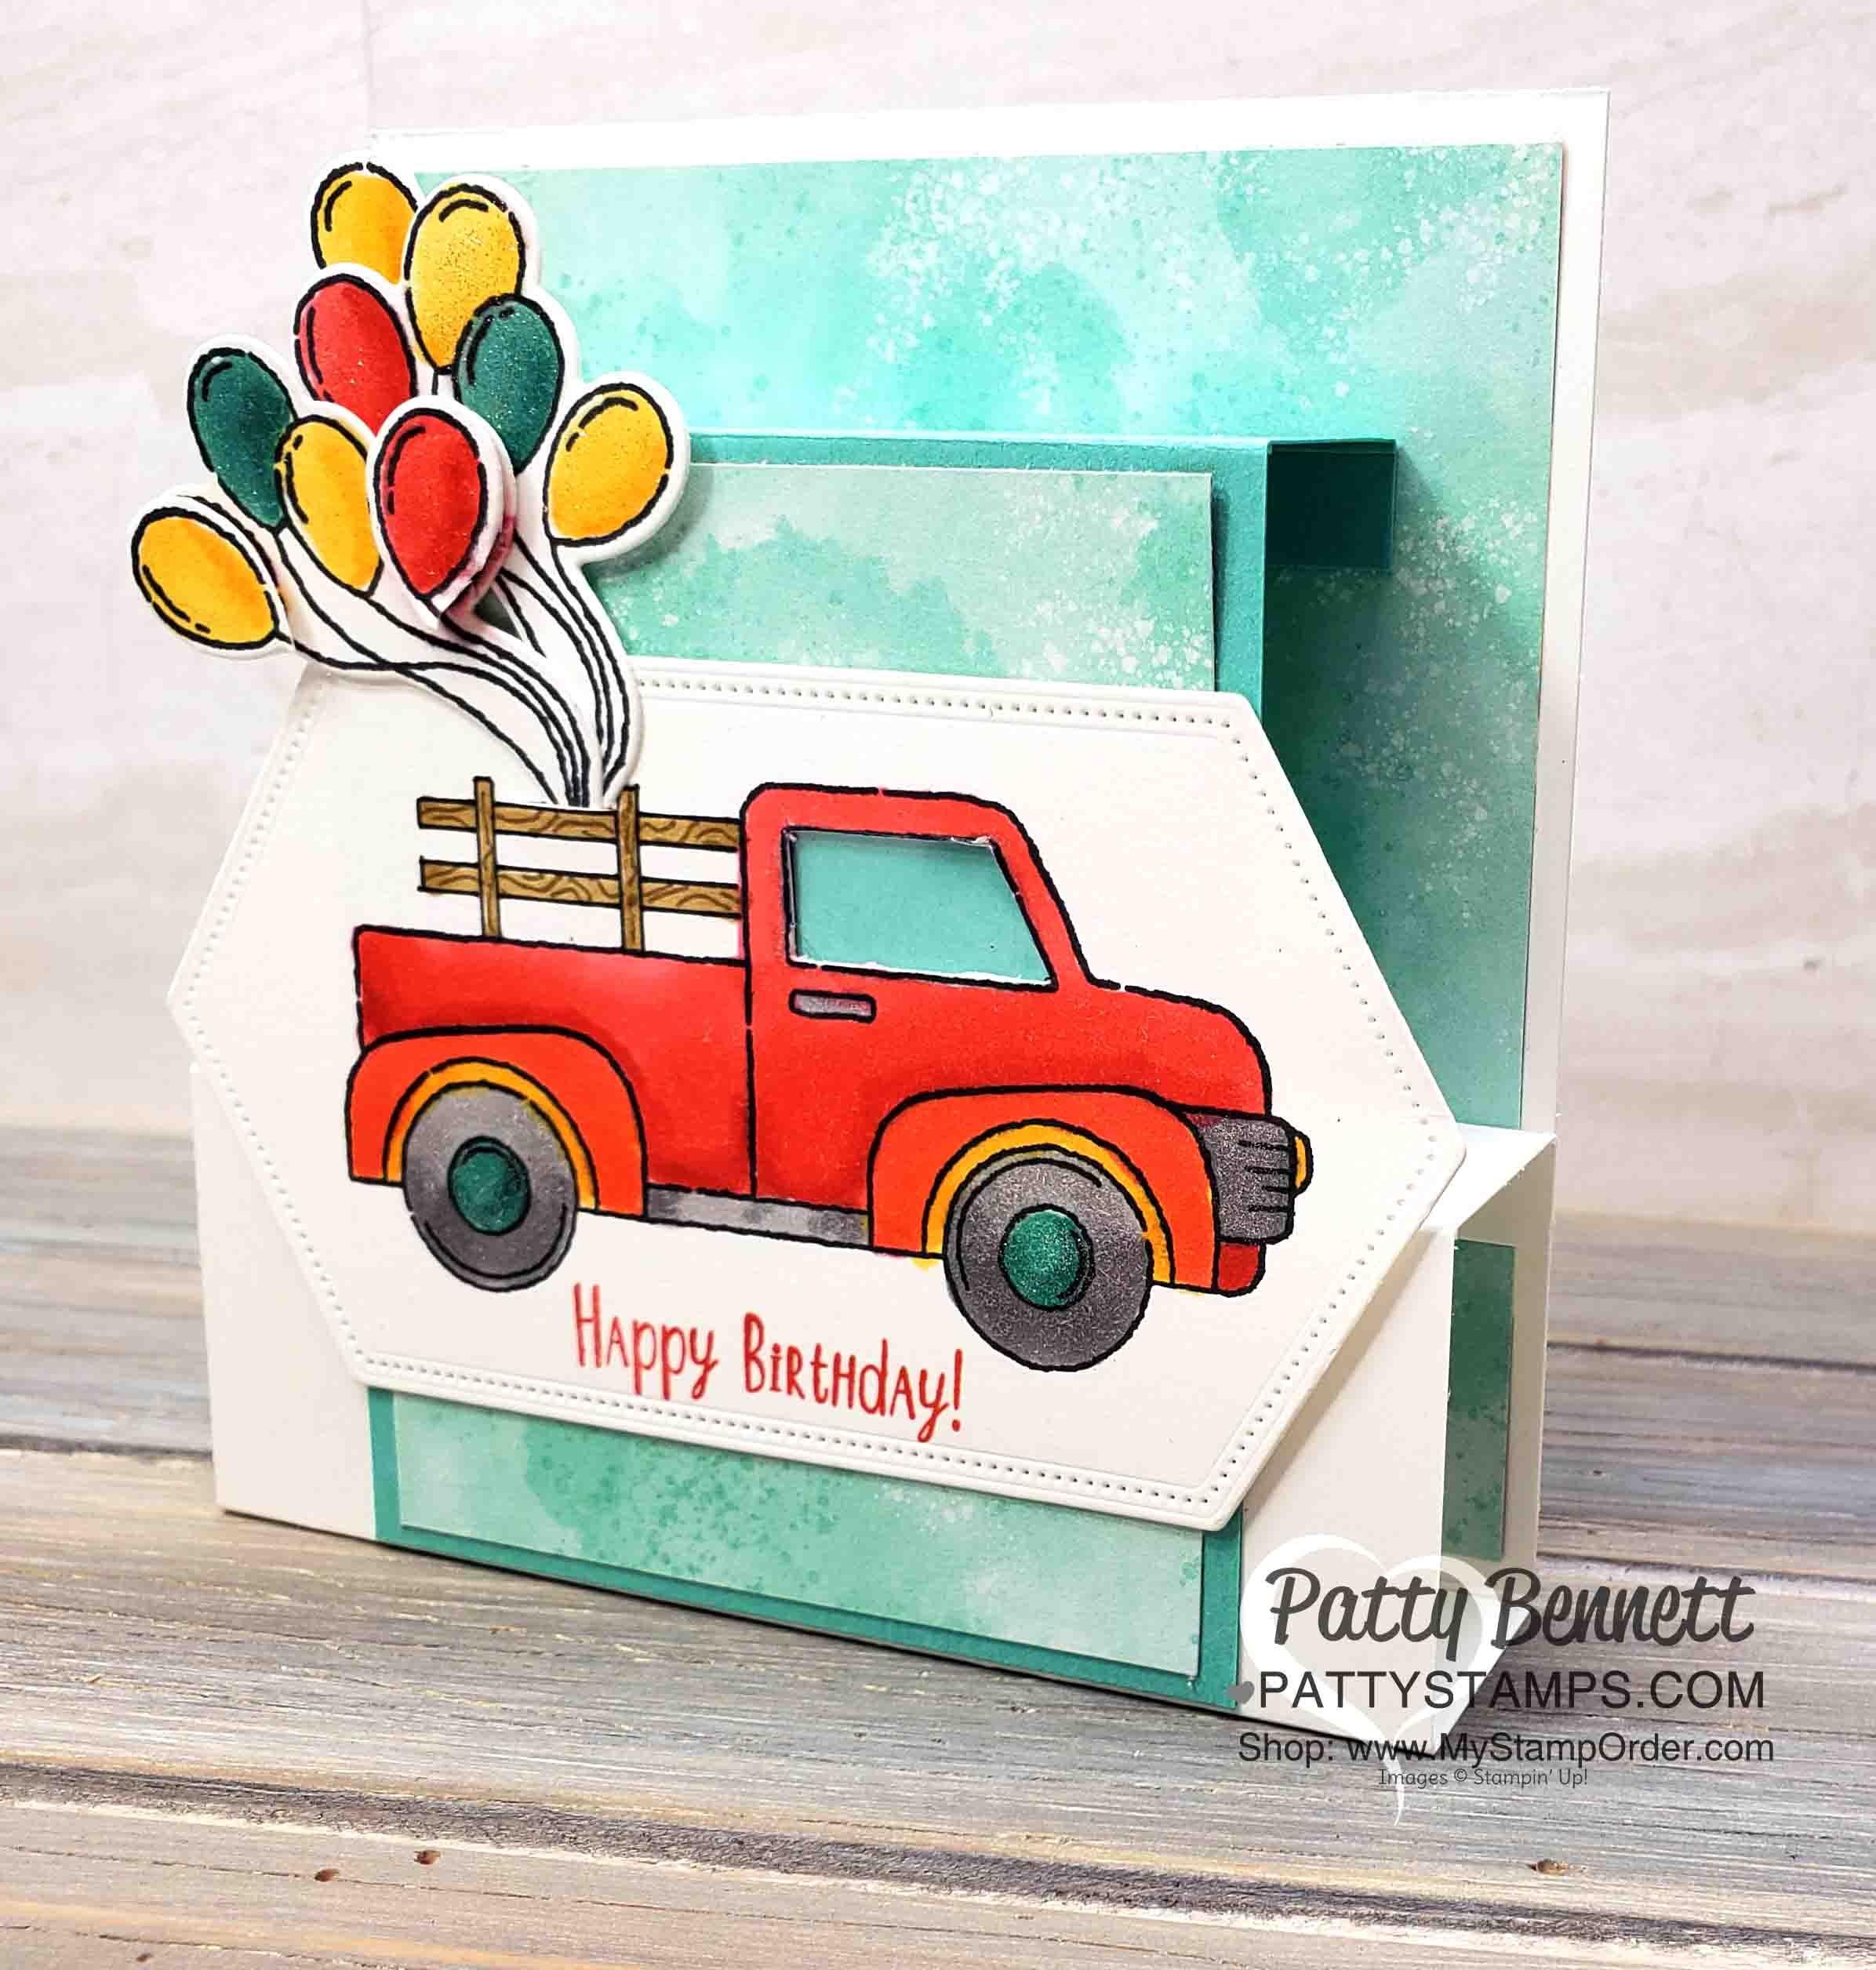 Fun Fold Birthday Card for Eric!